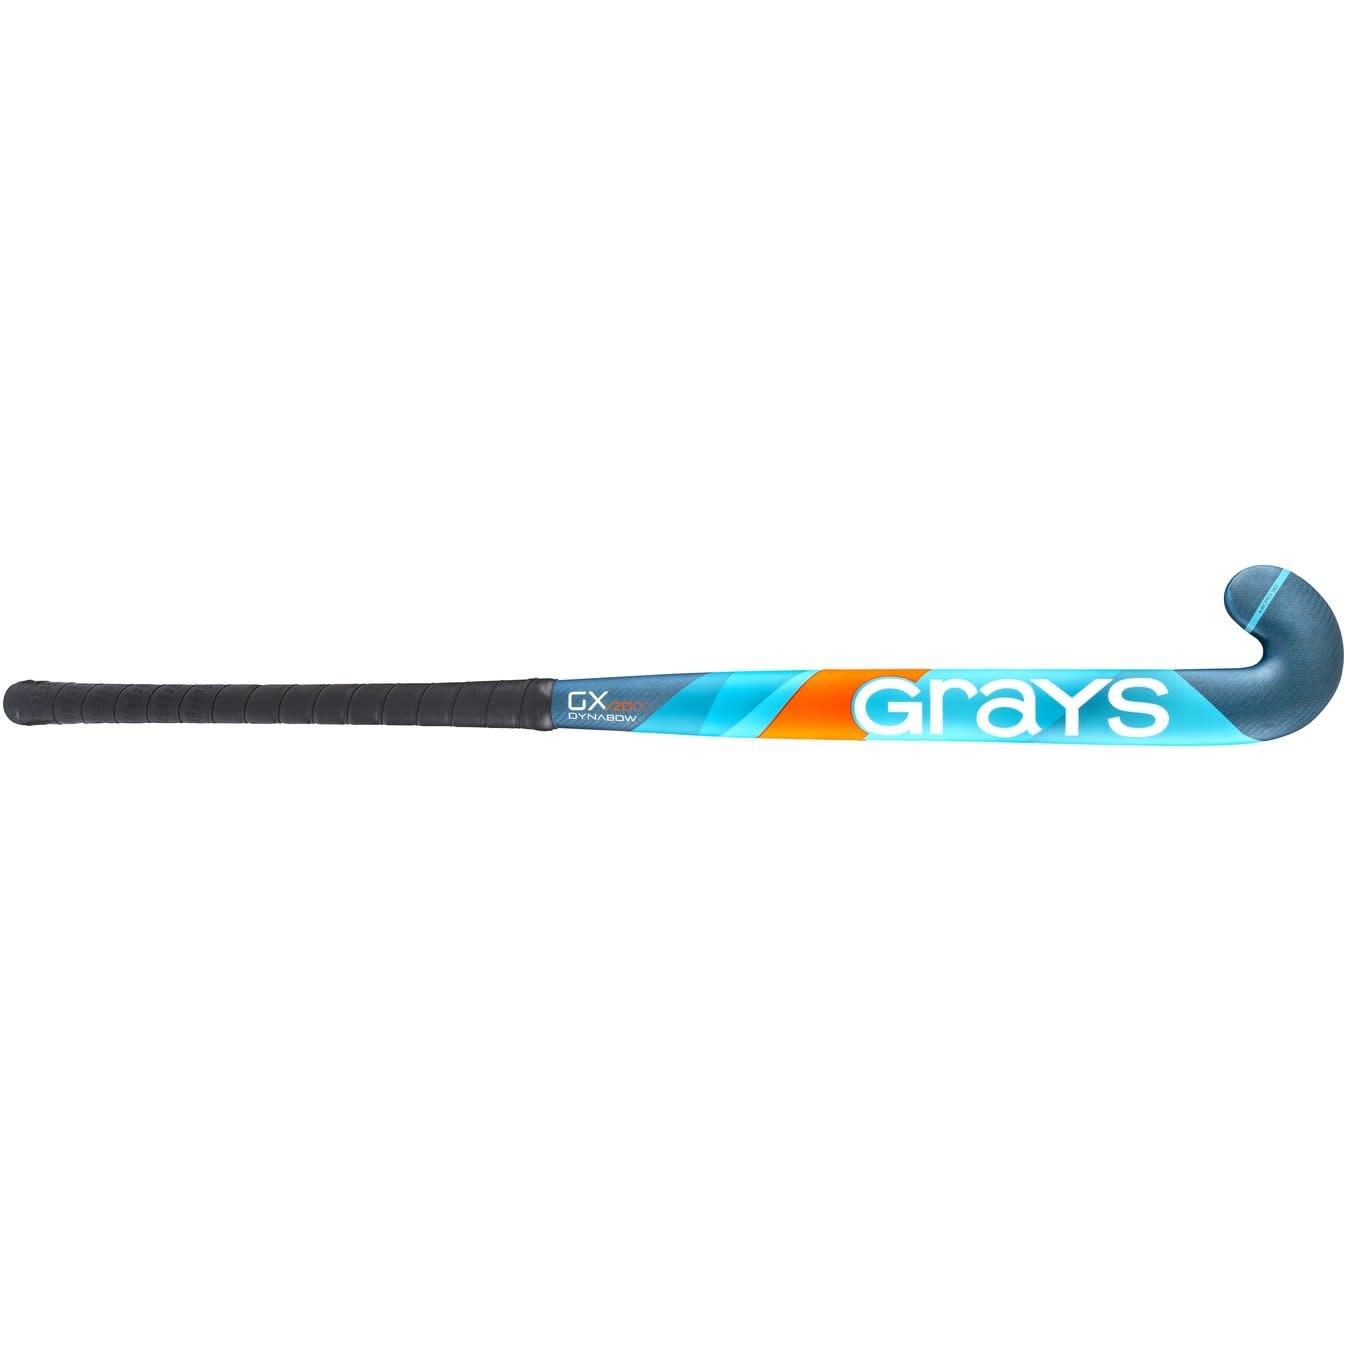 Grays Grays GX 2000 dynabow teal